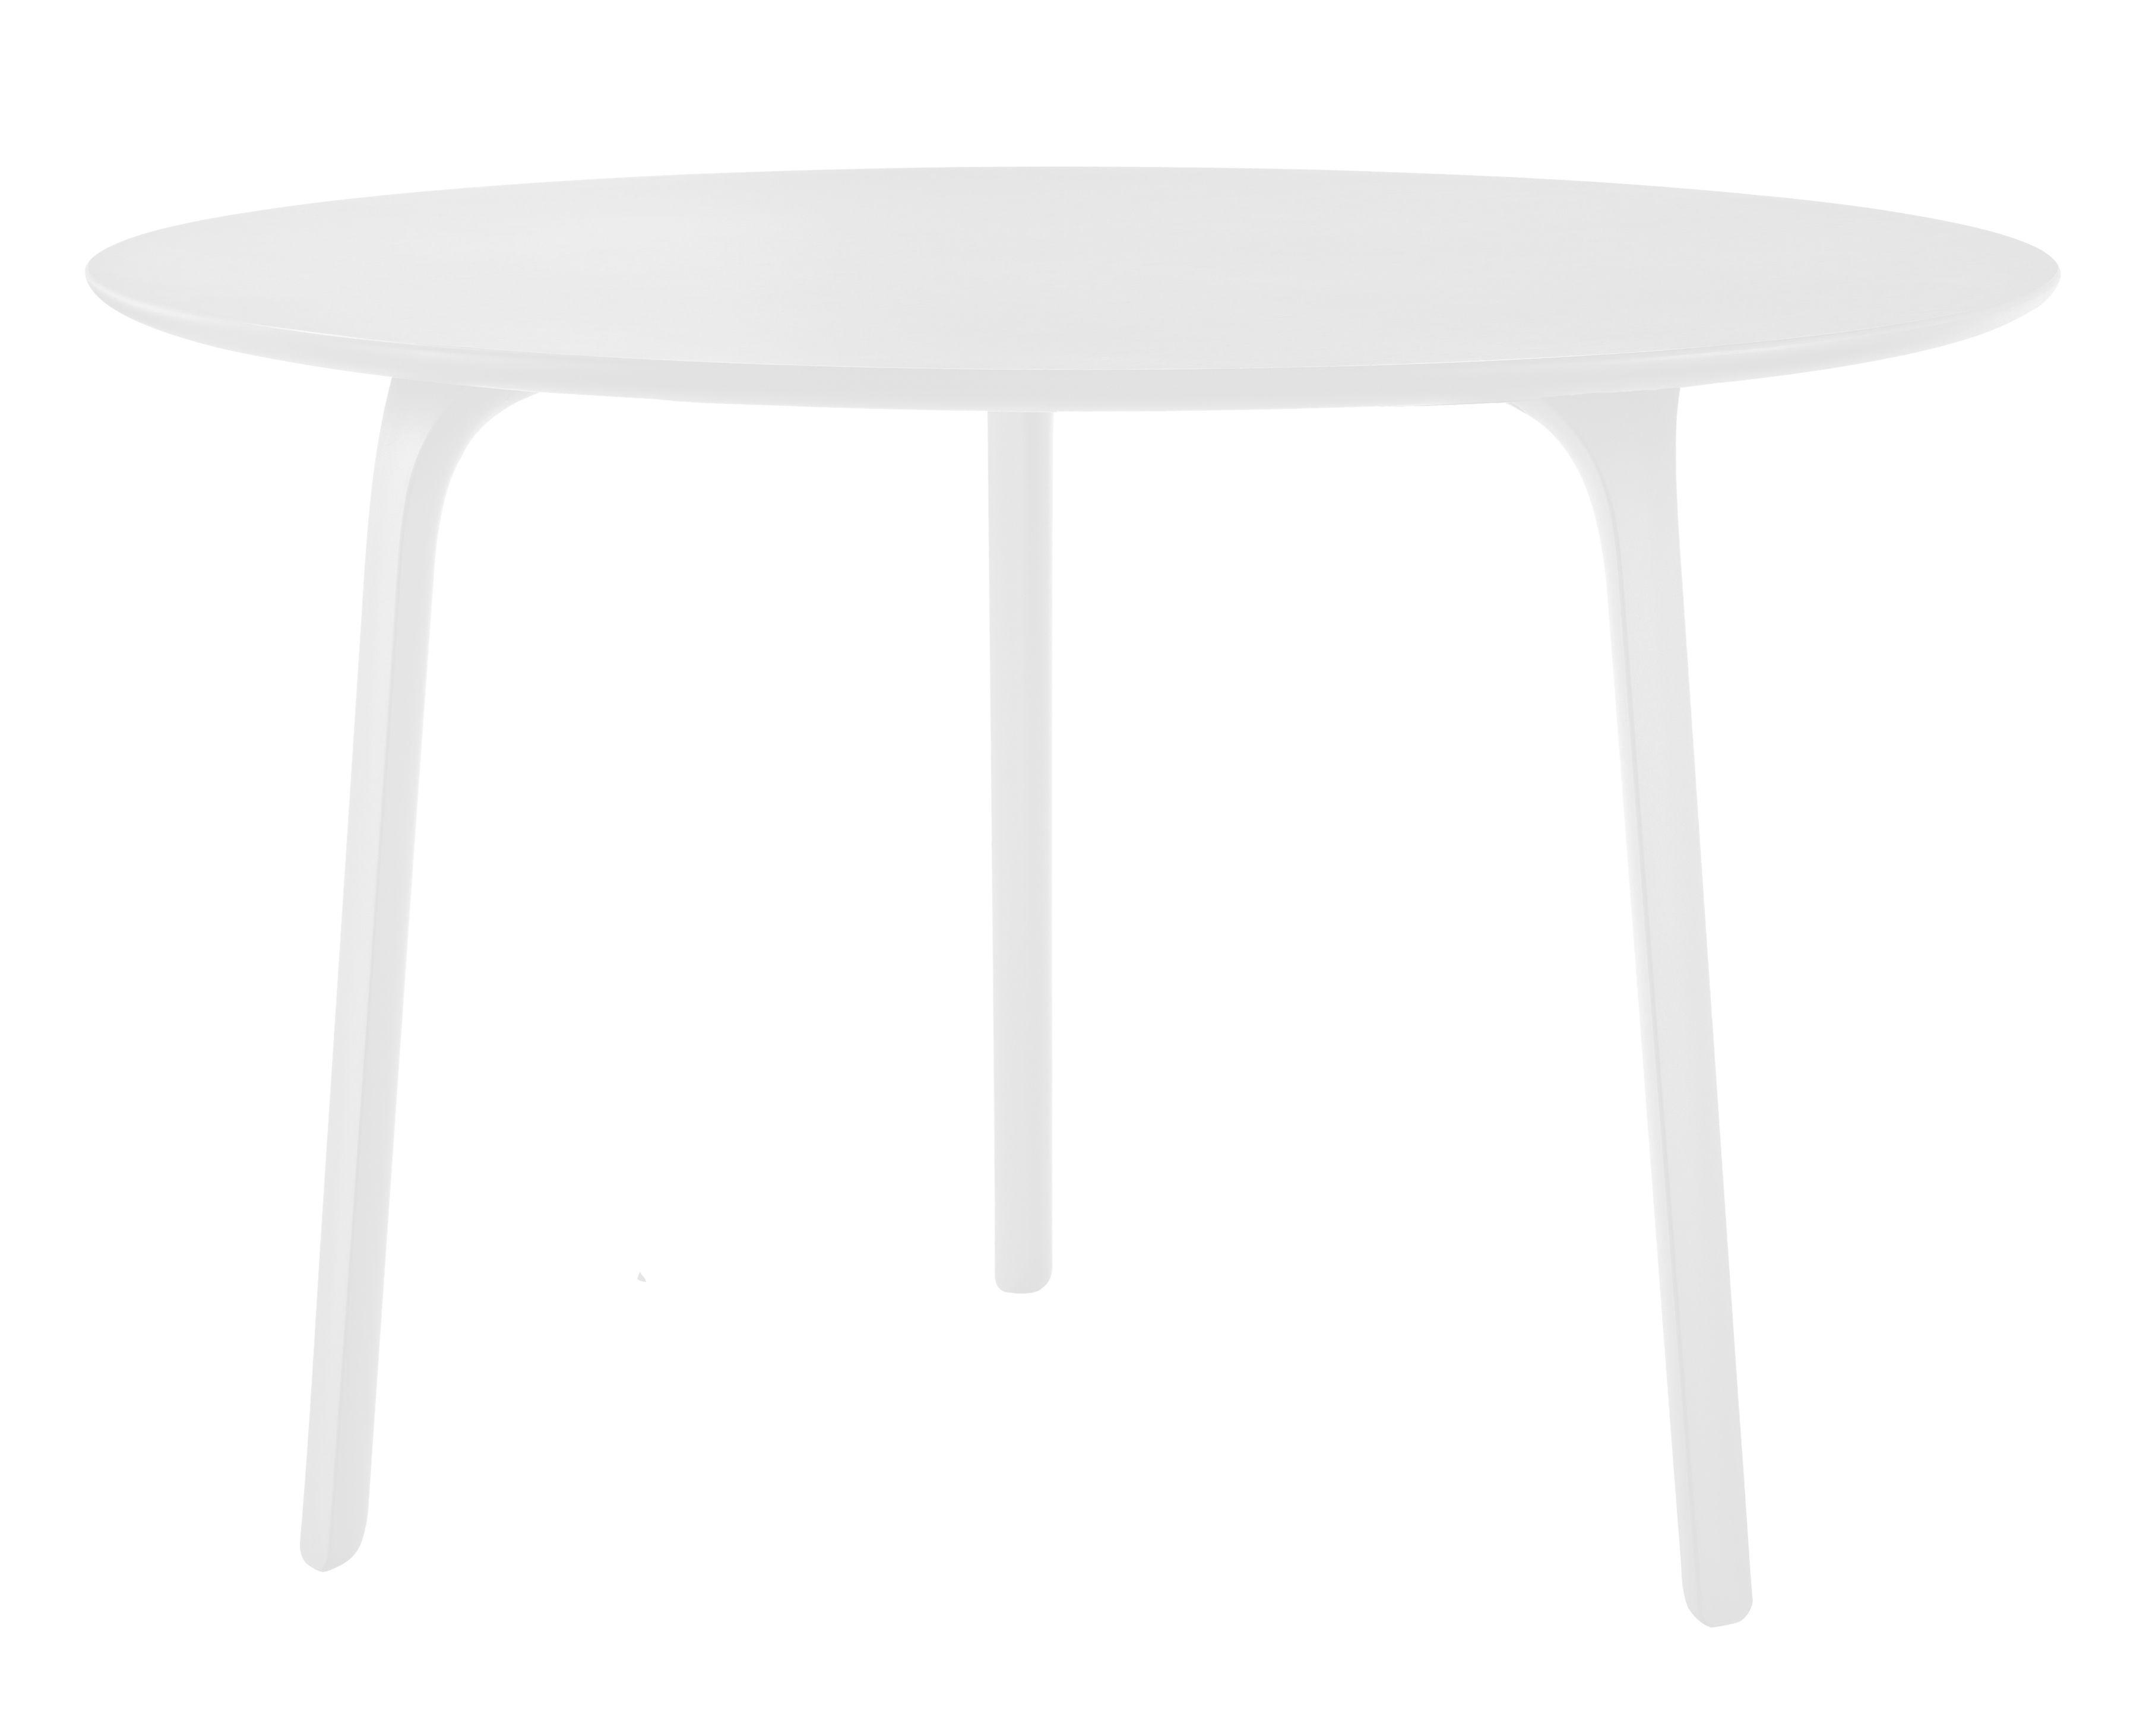 Arredamento - Tavoli - Tavolo rotondo First - Rotonda Ø 80 - Da interno di Magis - Piedi bianchi / Piano bianco - MDF verniciato, Poliammide